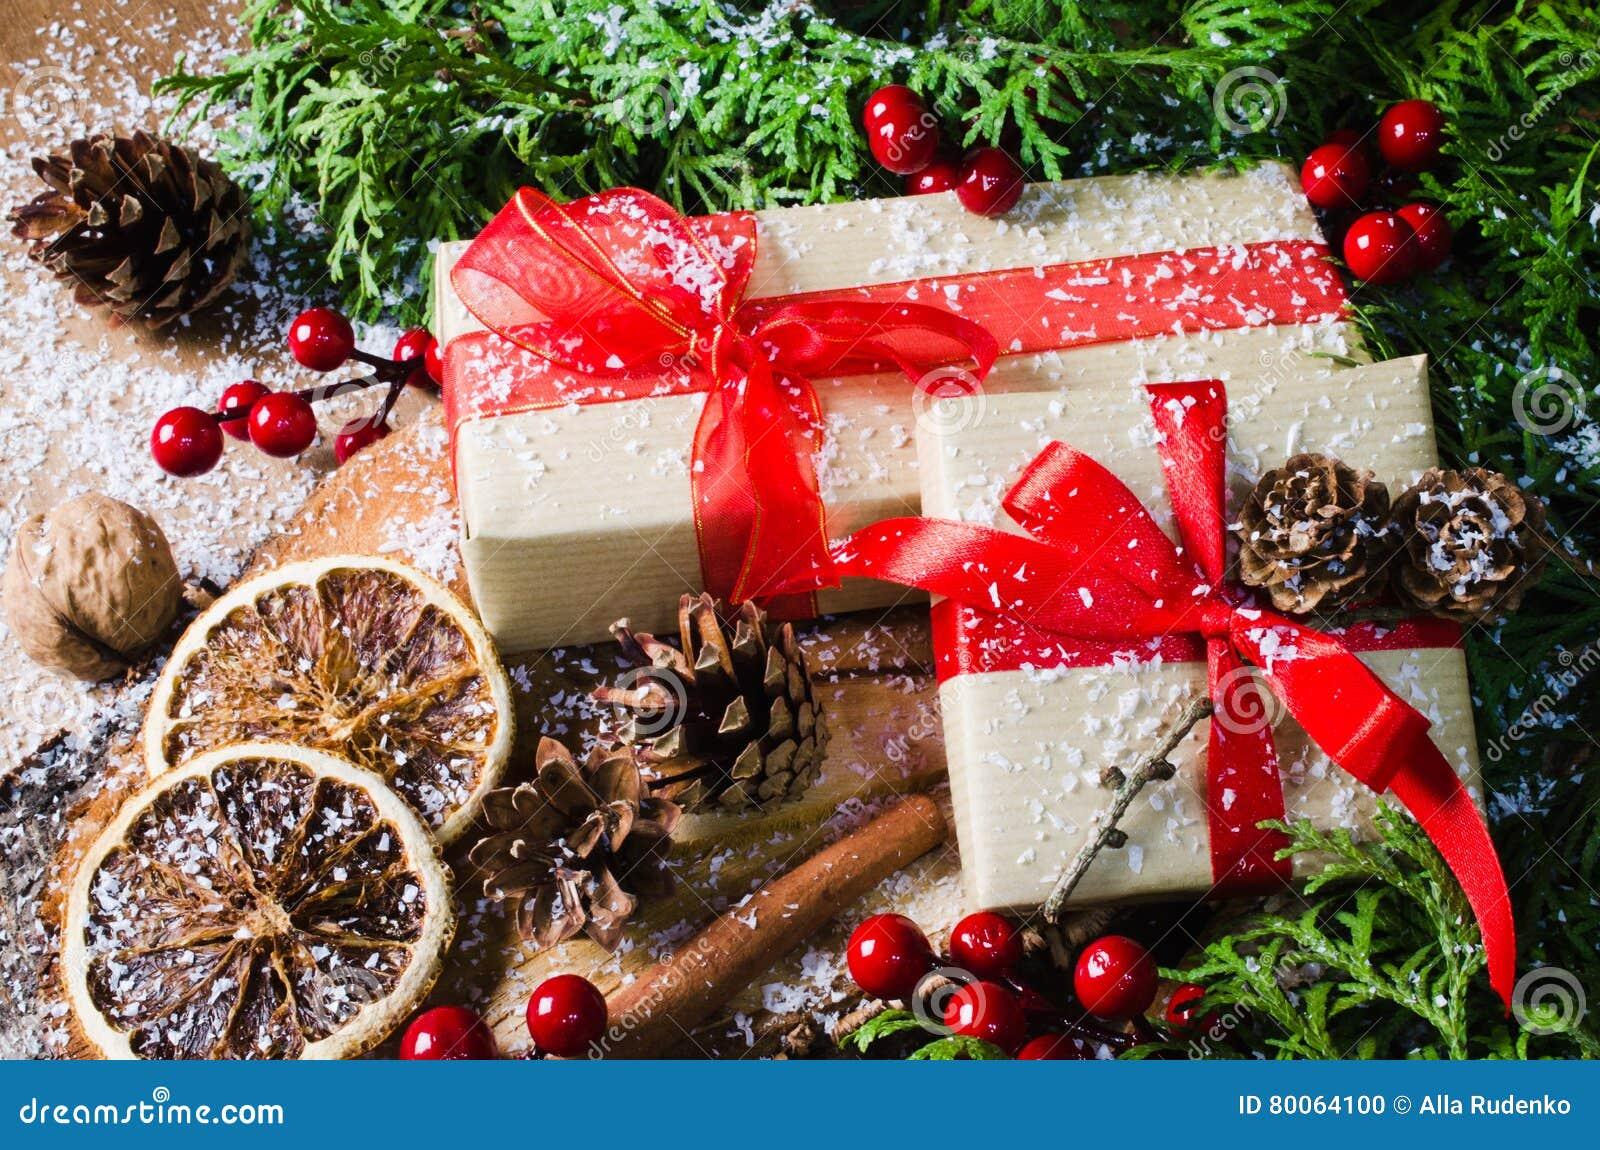 Regali Di Natale In Legno.Regali Di Natale Nello Stile Rustico Con Le Decorazioni Di Festa